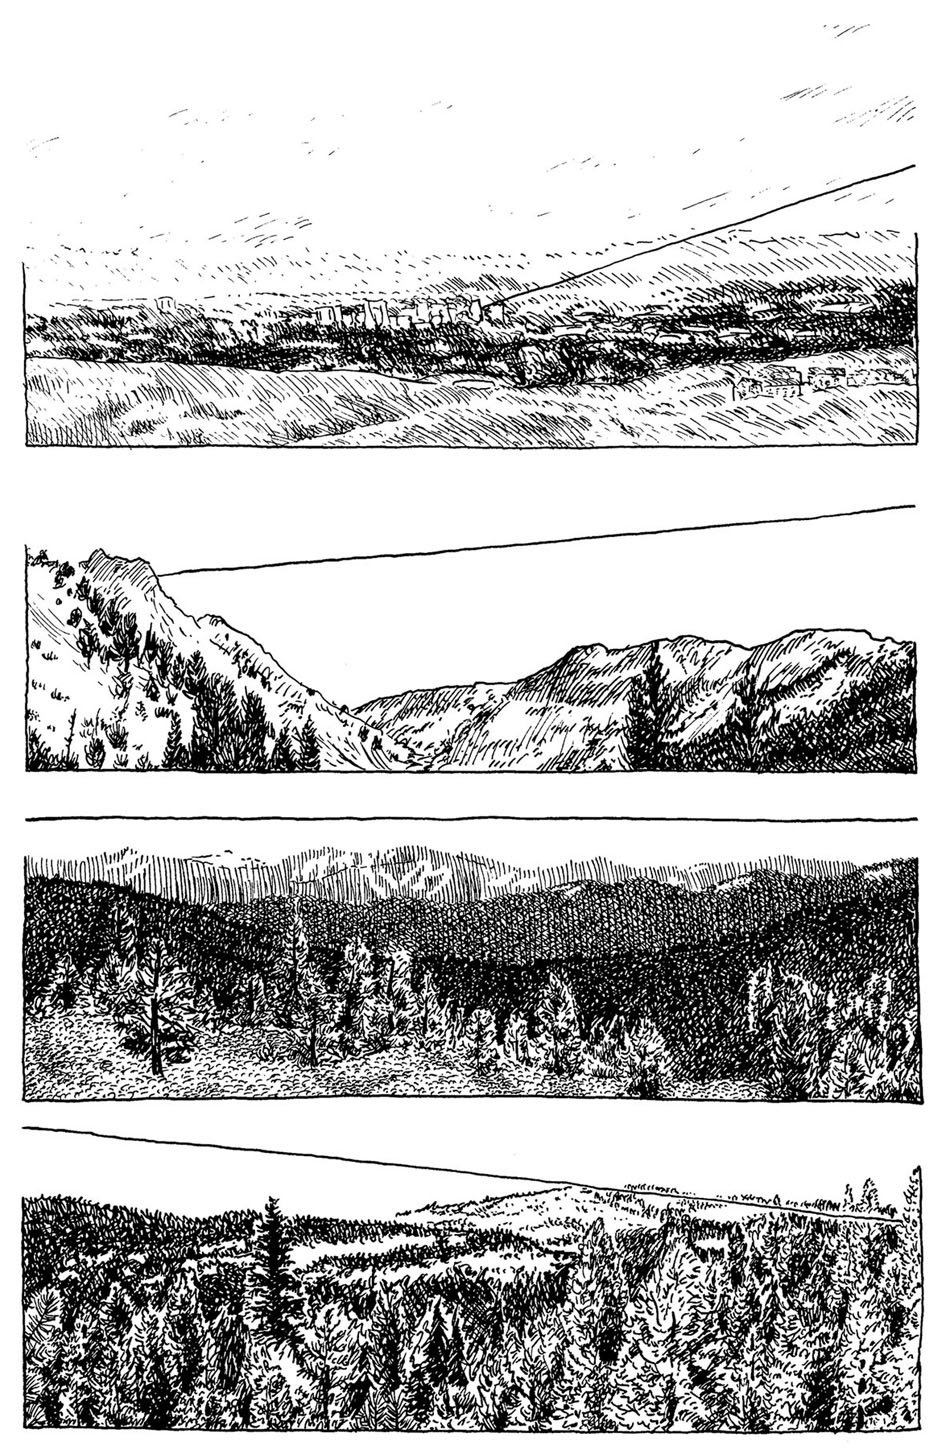 Sagehen Field Station Page 1